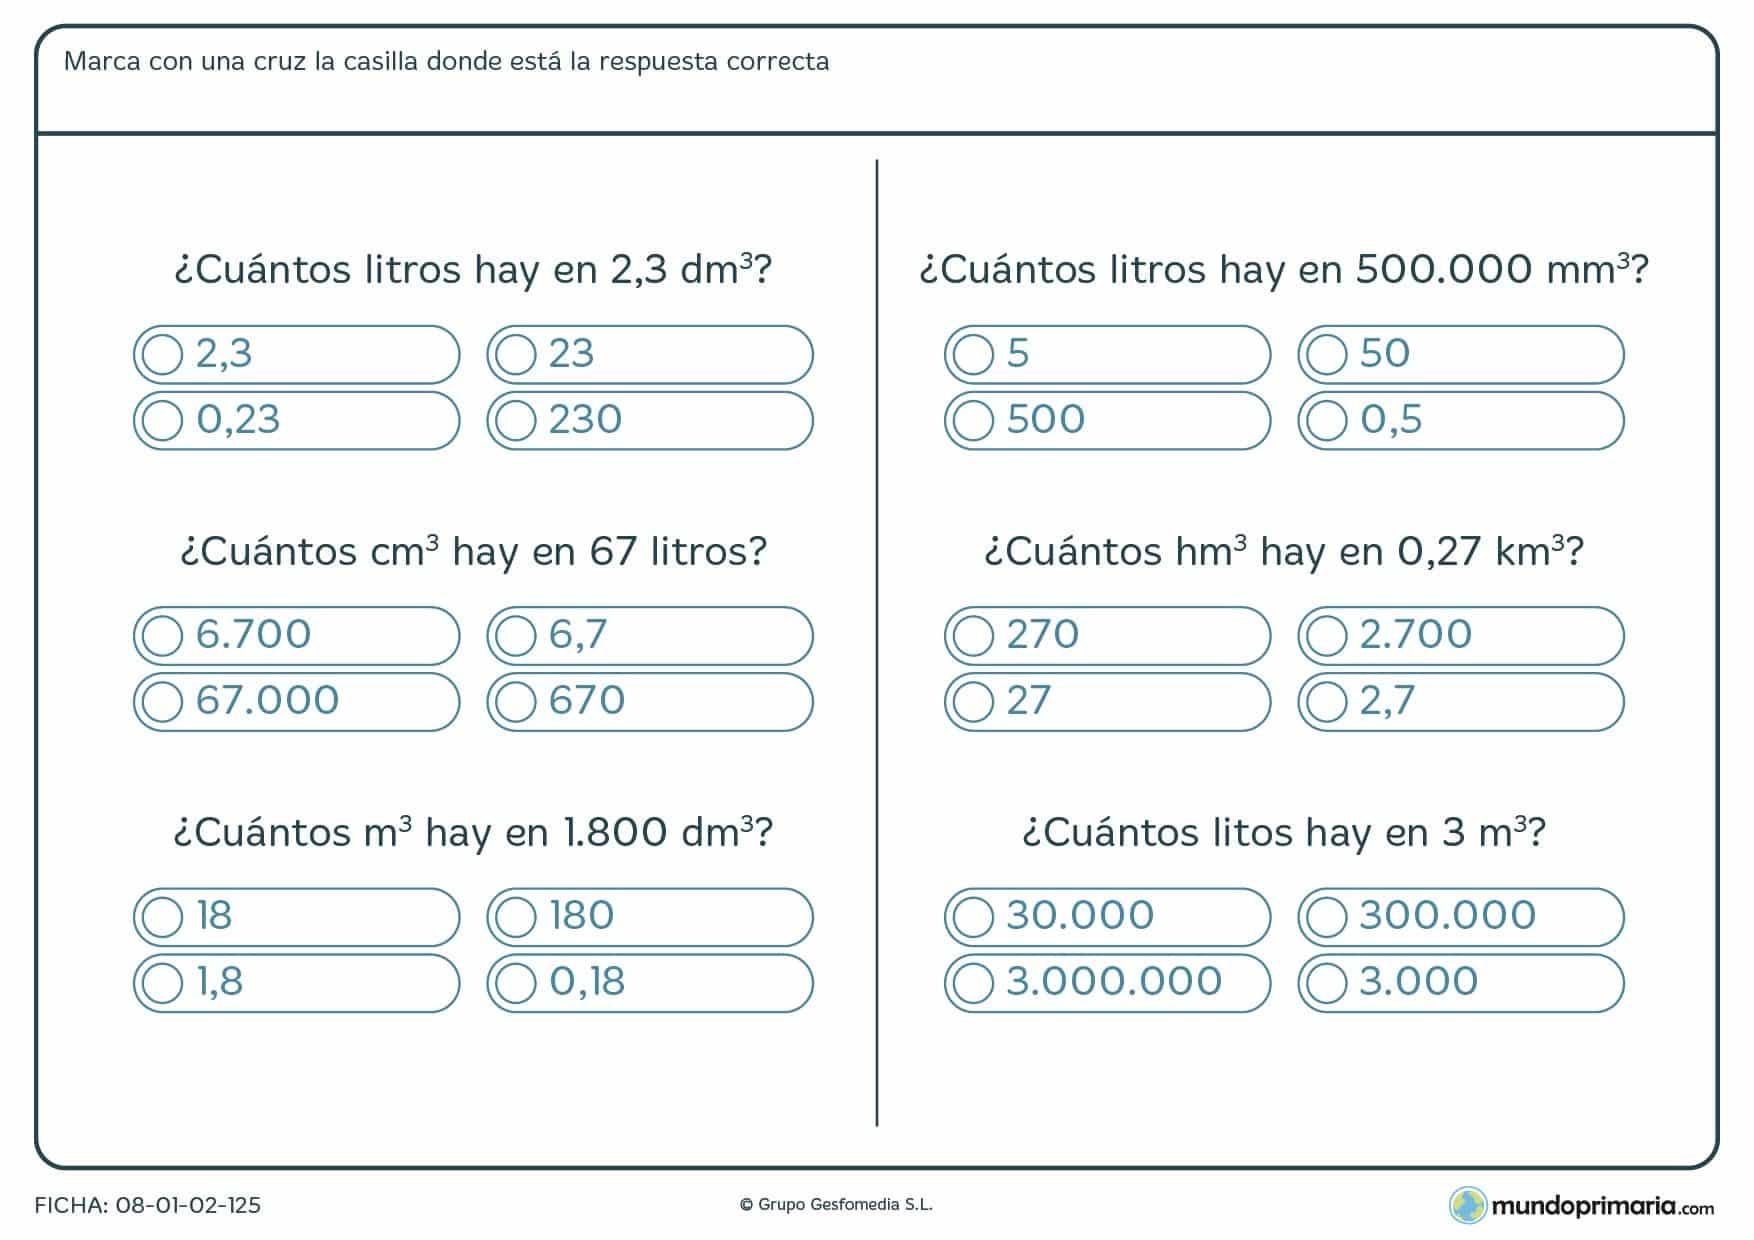 Ficha de capacidades y volúmenes para calcular sus equivalencias